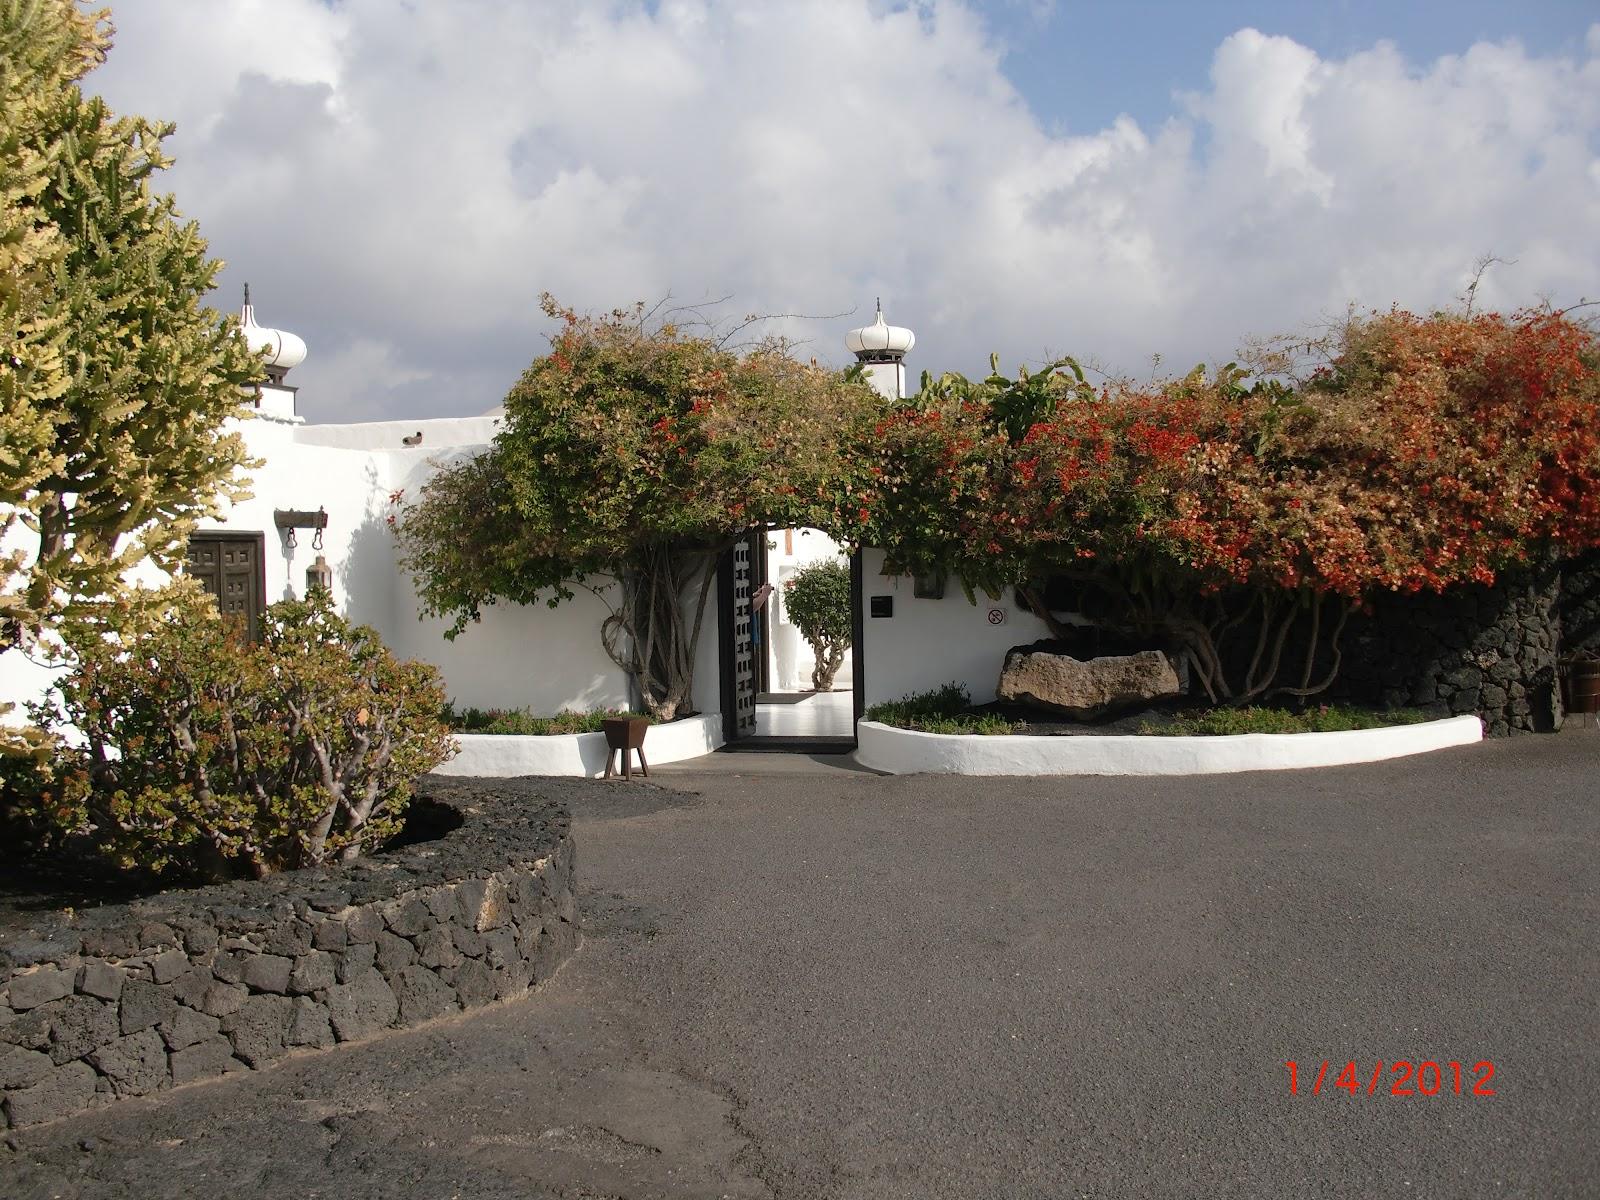 El mirador viewpoint islas canarias canary islands - Casa museo cesar manrique ...